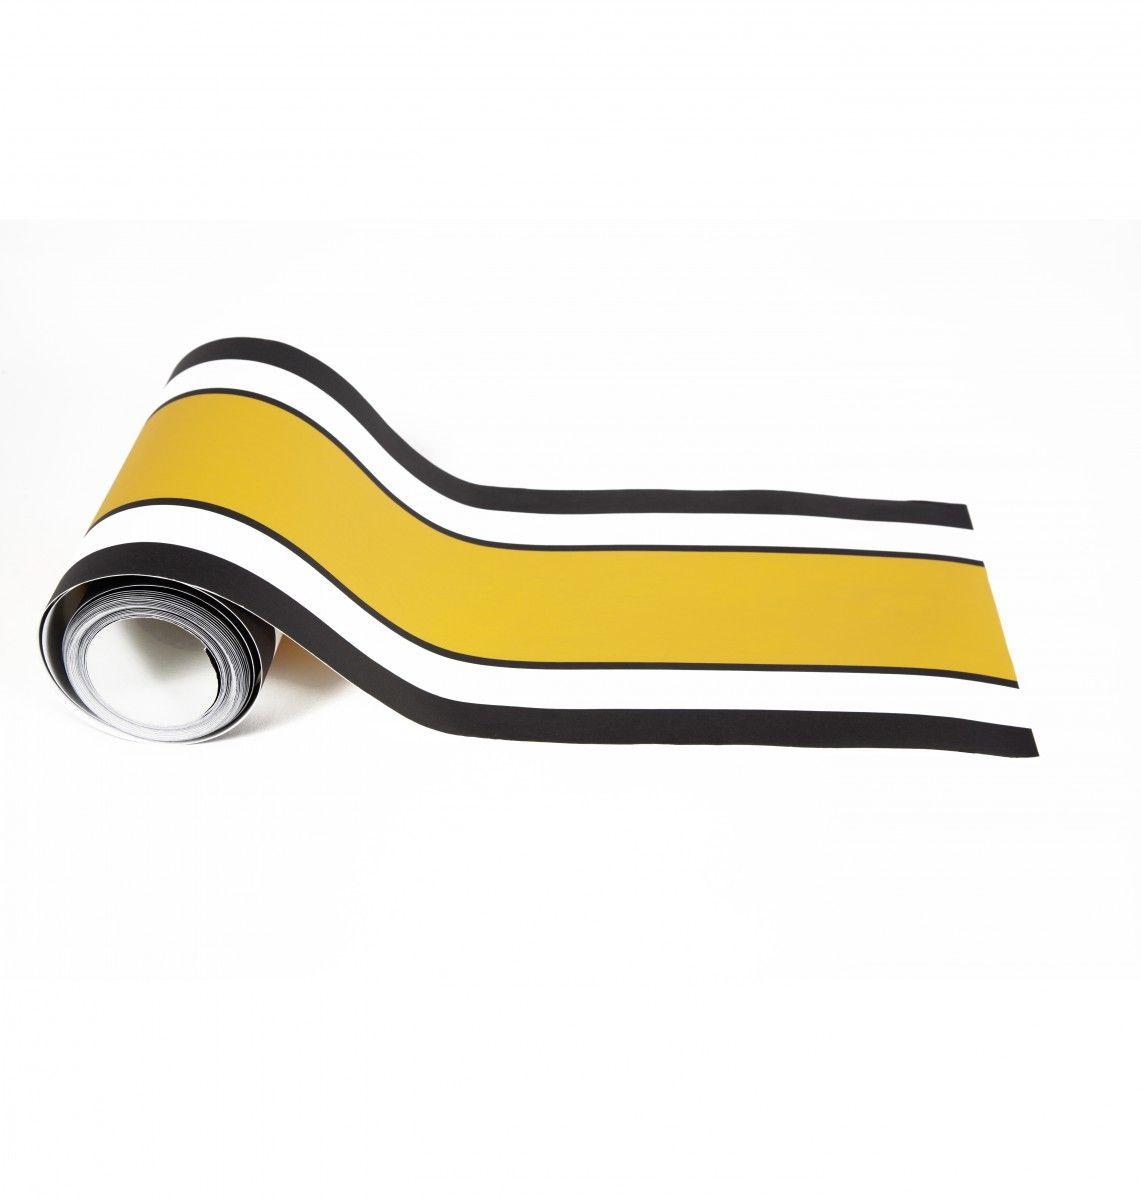 frise jaune frise murale maison sarah lavoine et murale design. Black Bedroom Furniture Sets. Home Design Ideas